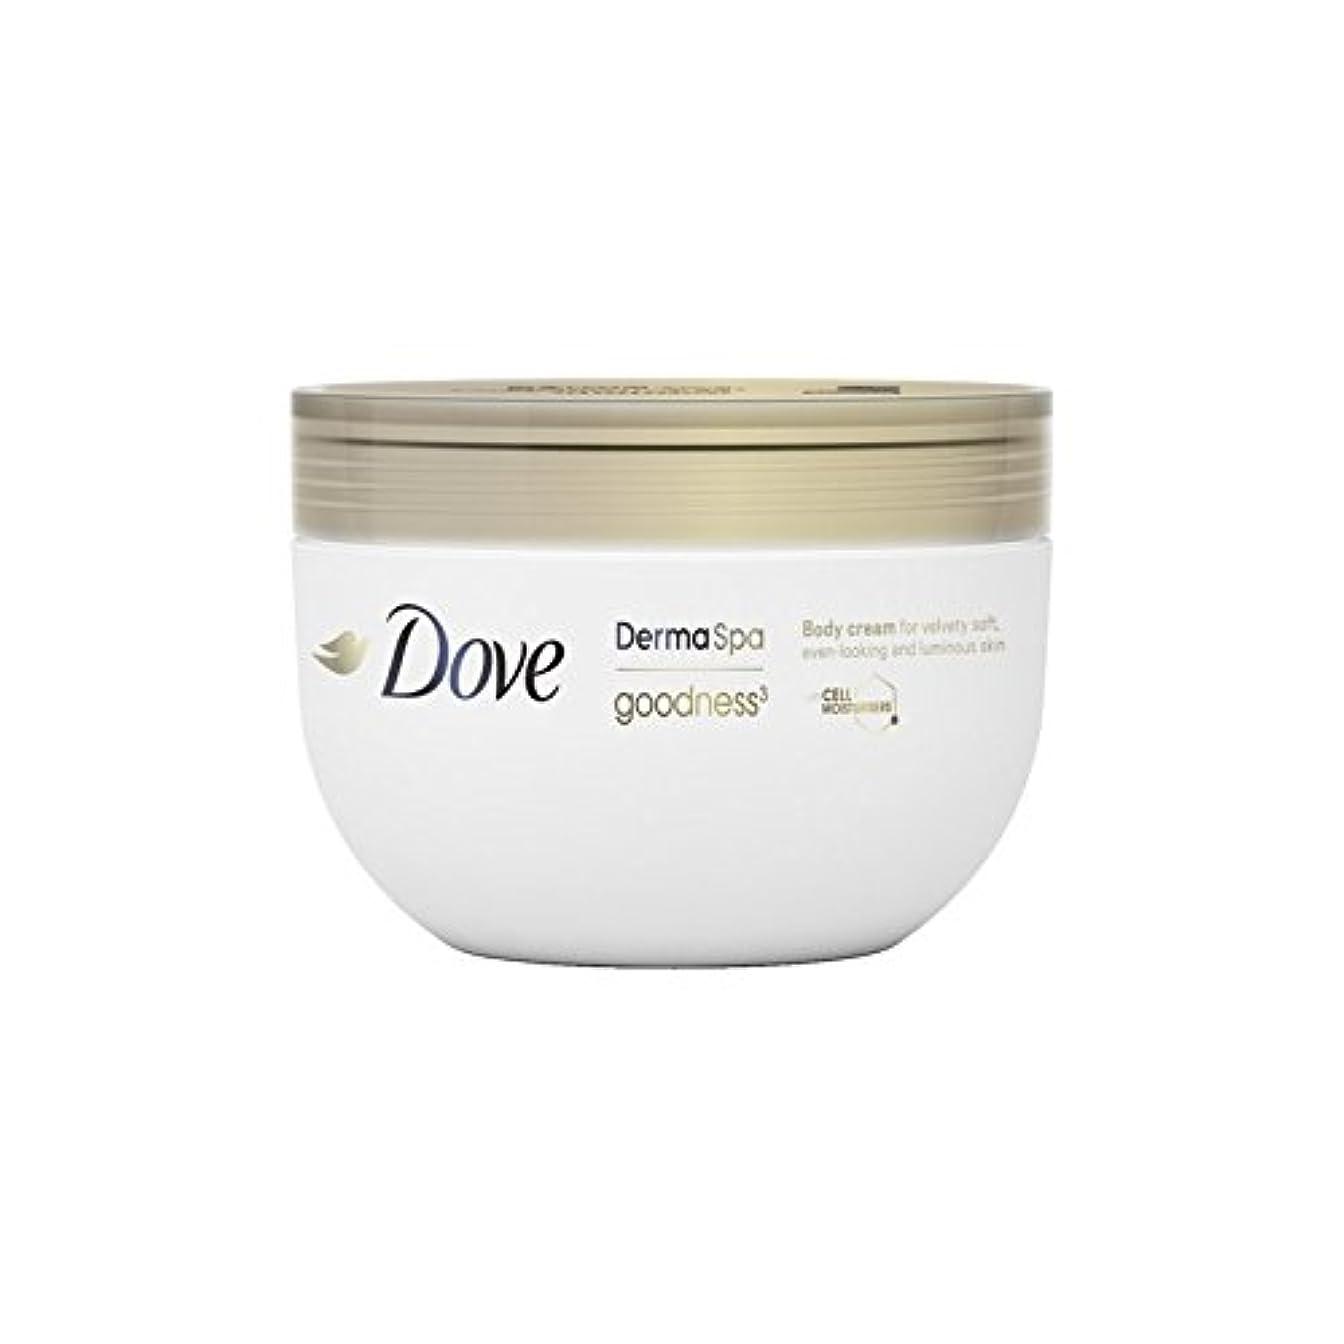 ピット証明書法王Dove DermaSpa Goodness3 Body Cream (300ml) - 鳩の3ボディクリーム(300ミリリットル) [並行輸入品]